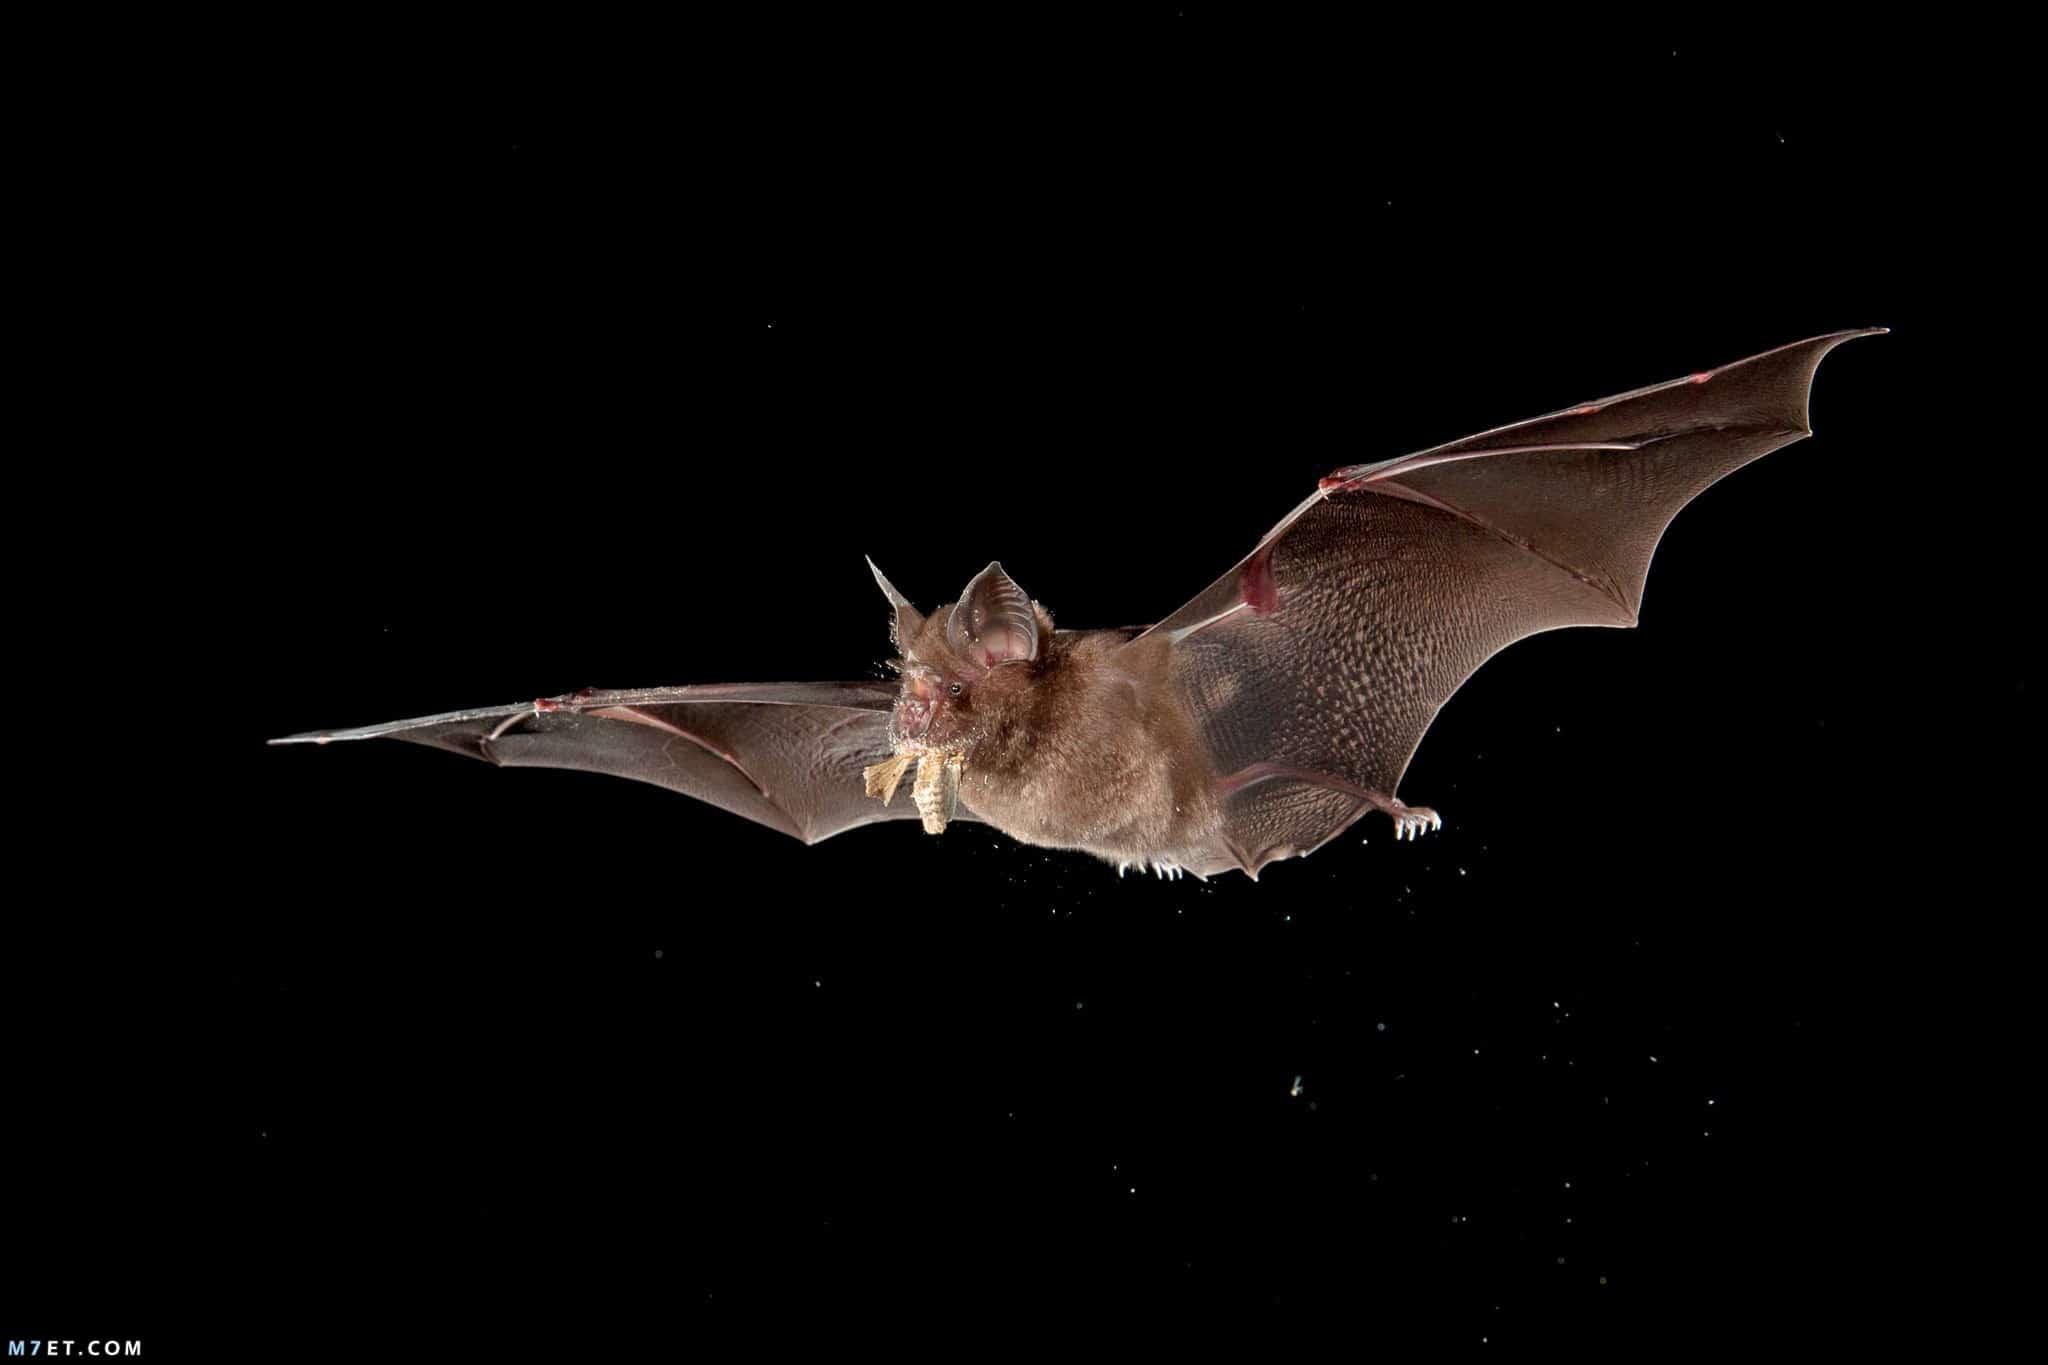 معلومات عن الخفاش غريبة جدا